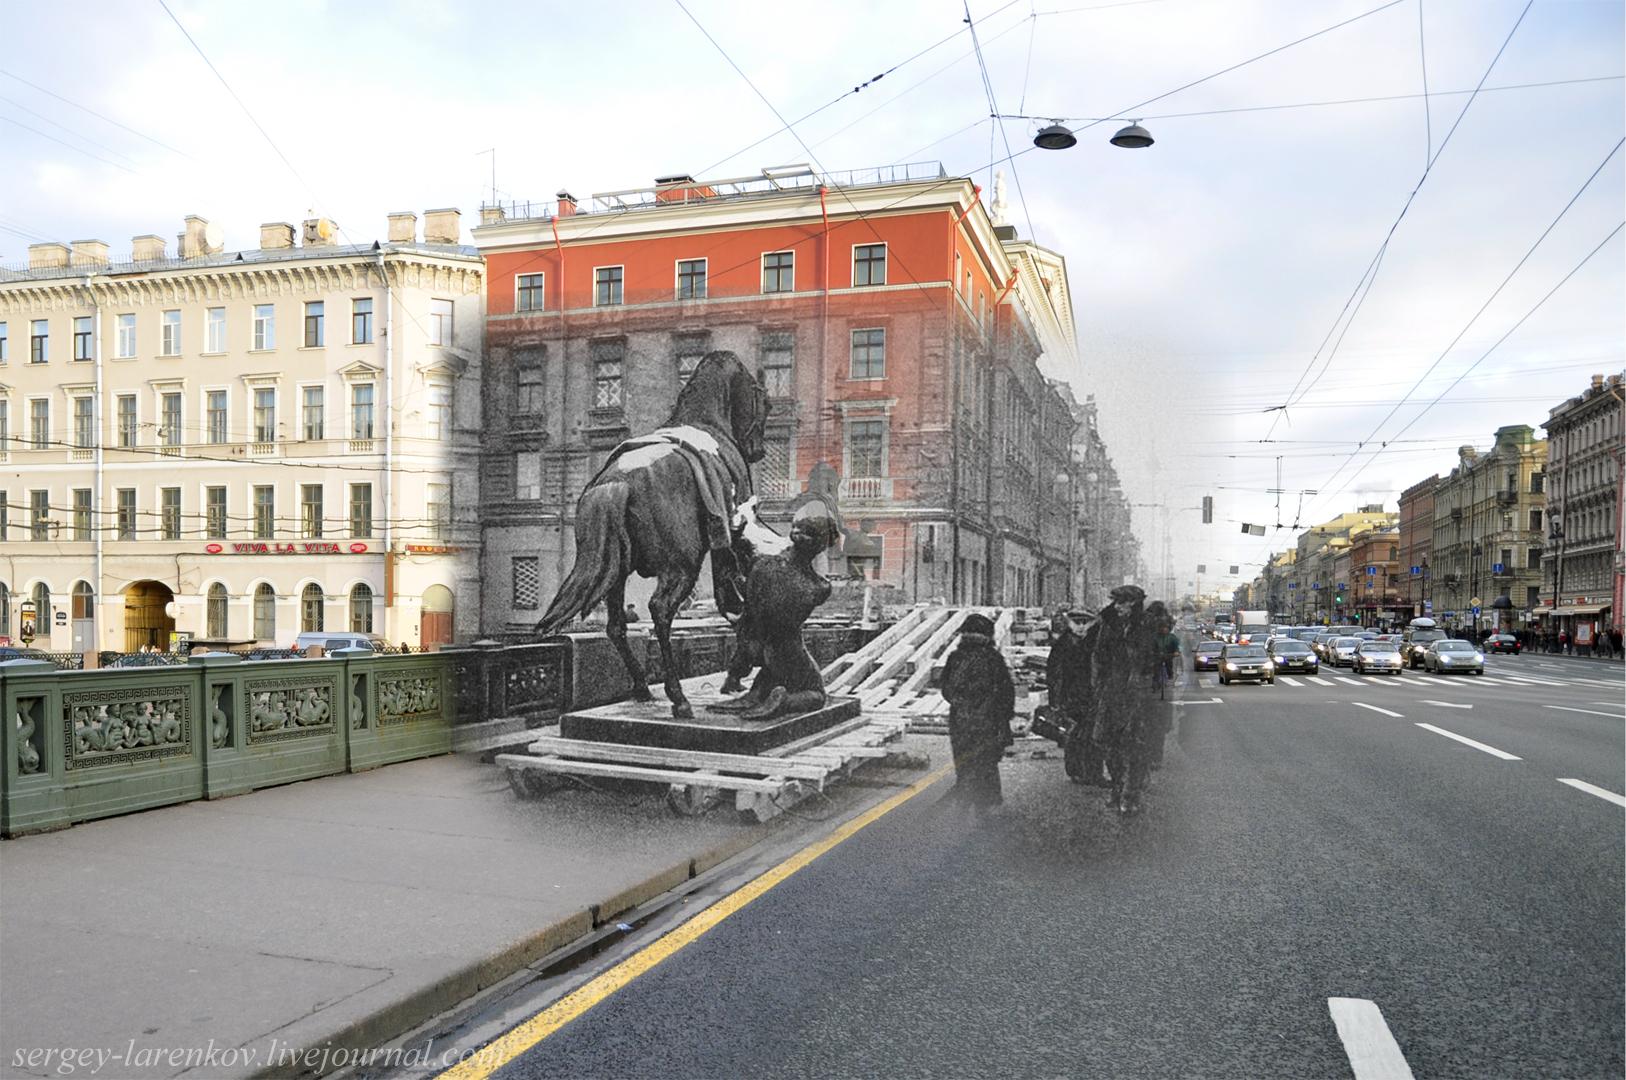 232.Ленинград 1941-2013. Снятие коней Клодта с Аничкова моста